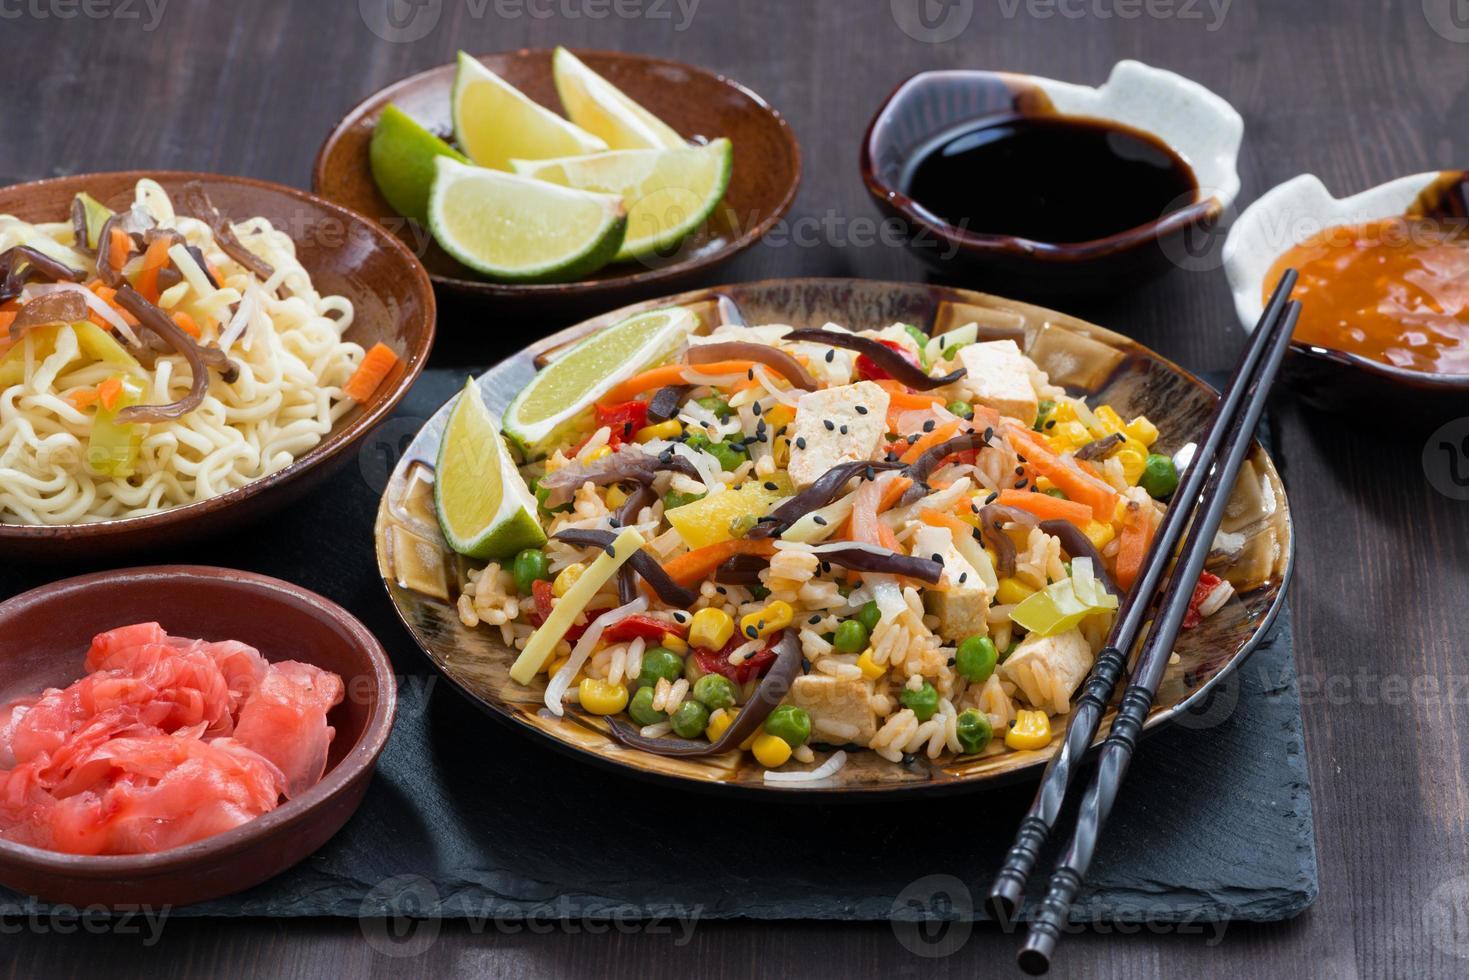 almoço asiático - arroz frito com tofu e legumes foto